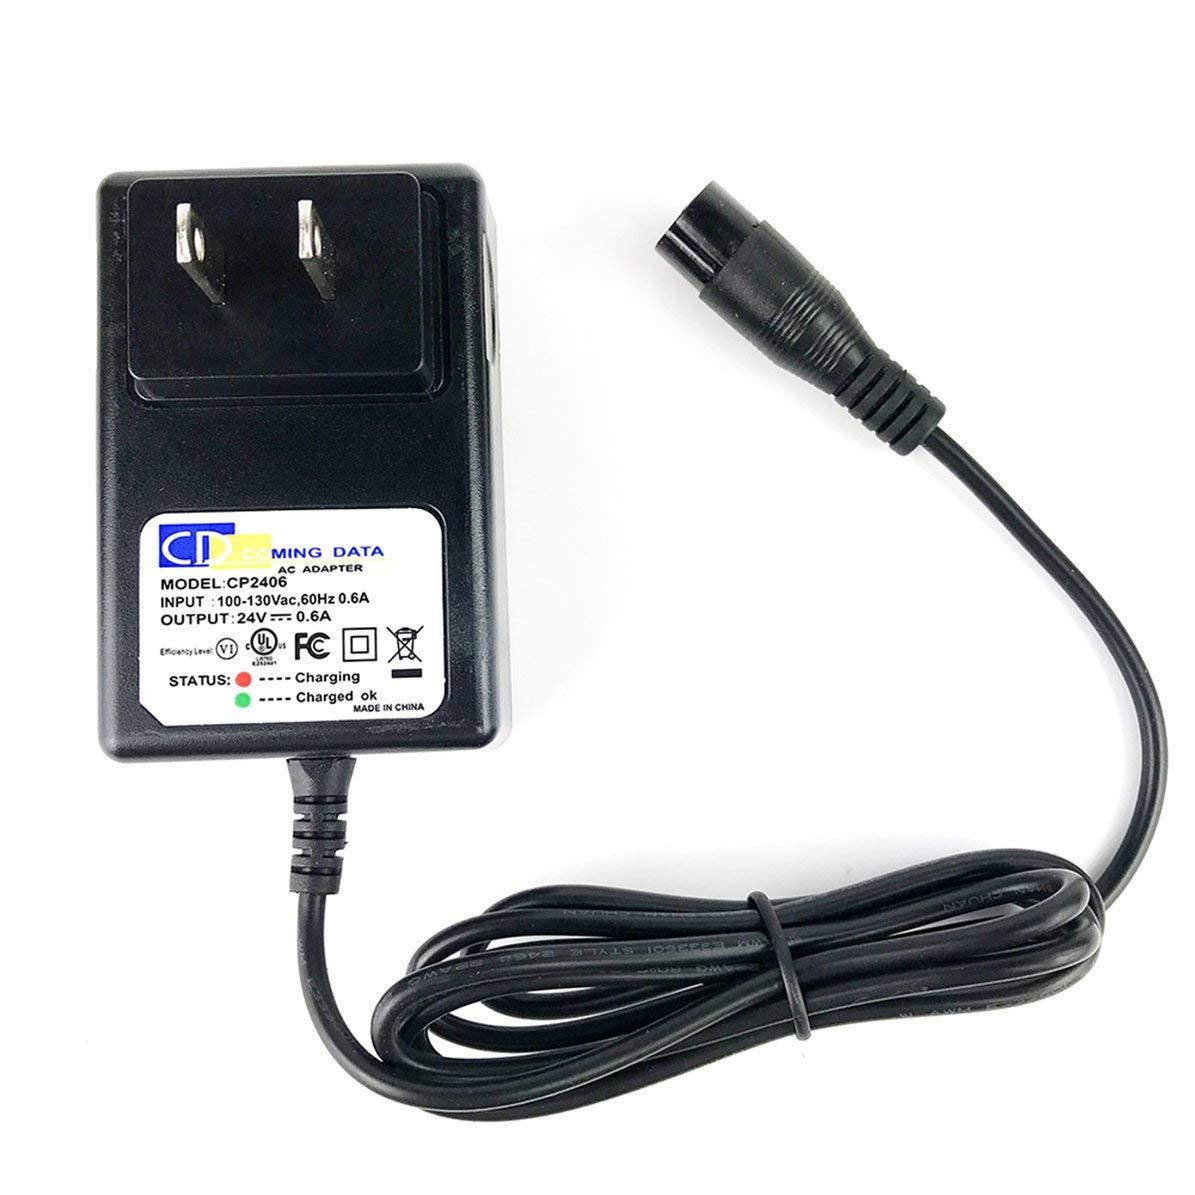 DoMoment Chargeur de Batterie électrique Professionnel de Scooter de 0.6A 24V 3 noyaux approprié à Razor E100 E200 E300 E125 E150E500